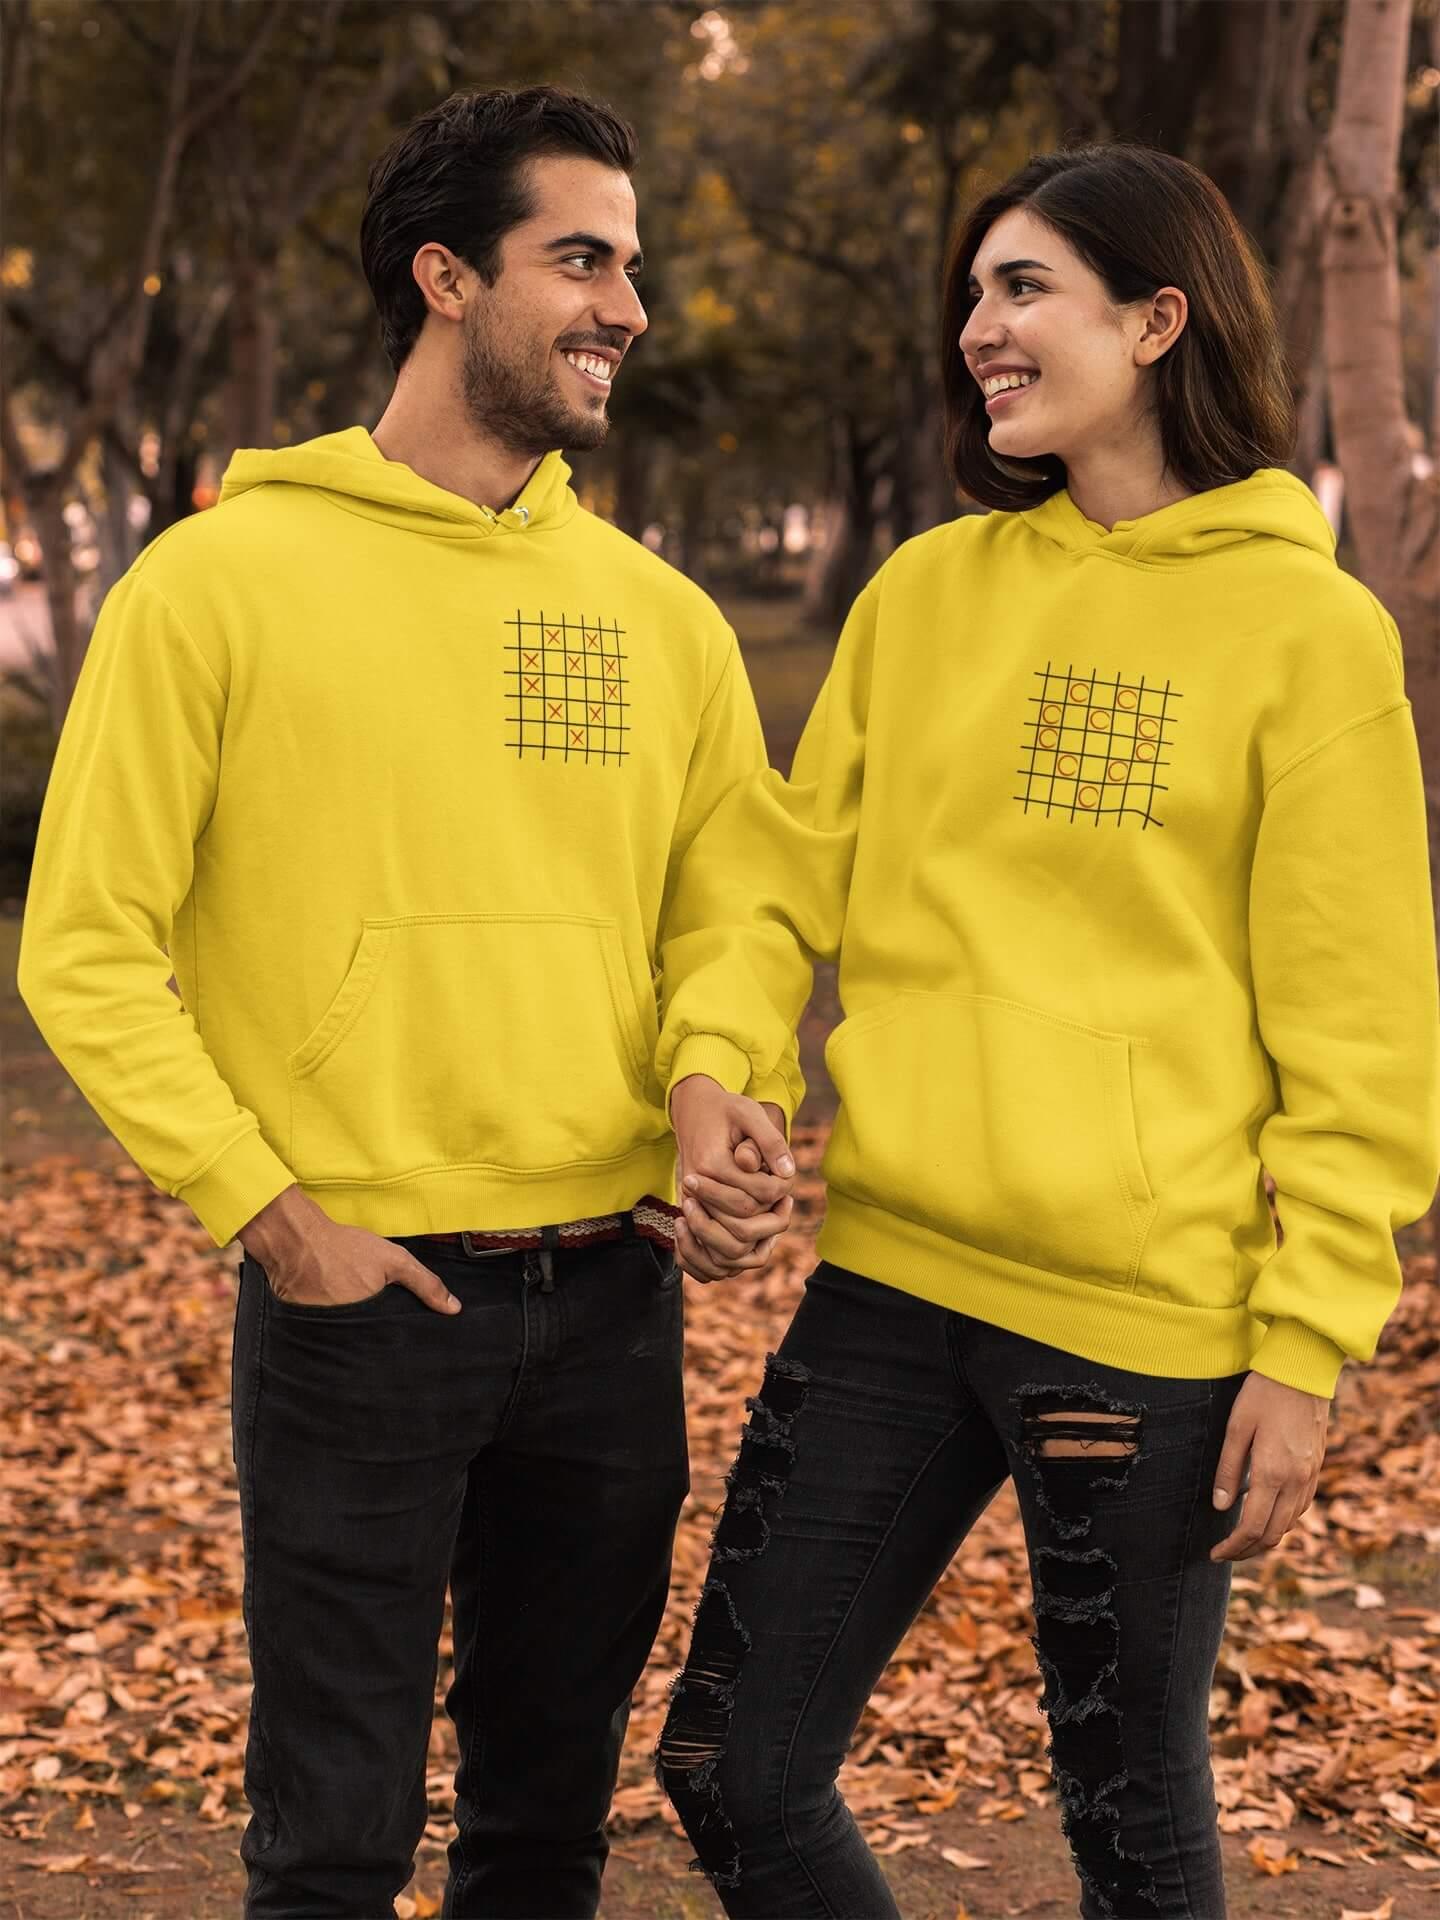 MMO Mikiny pre páry Piškvorky Farba: Žltá, Dámska veľkosť: S, Pánska veľkosť: S